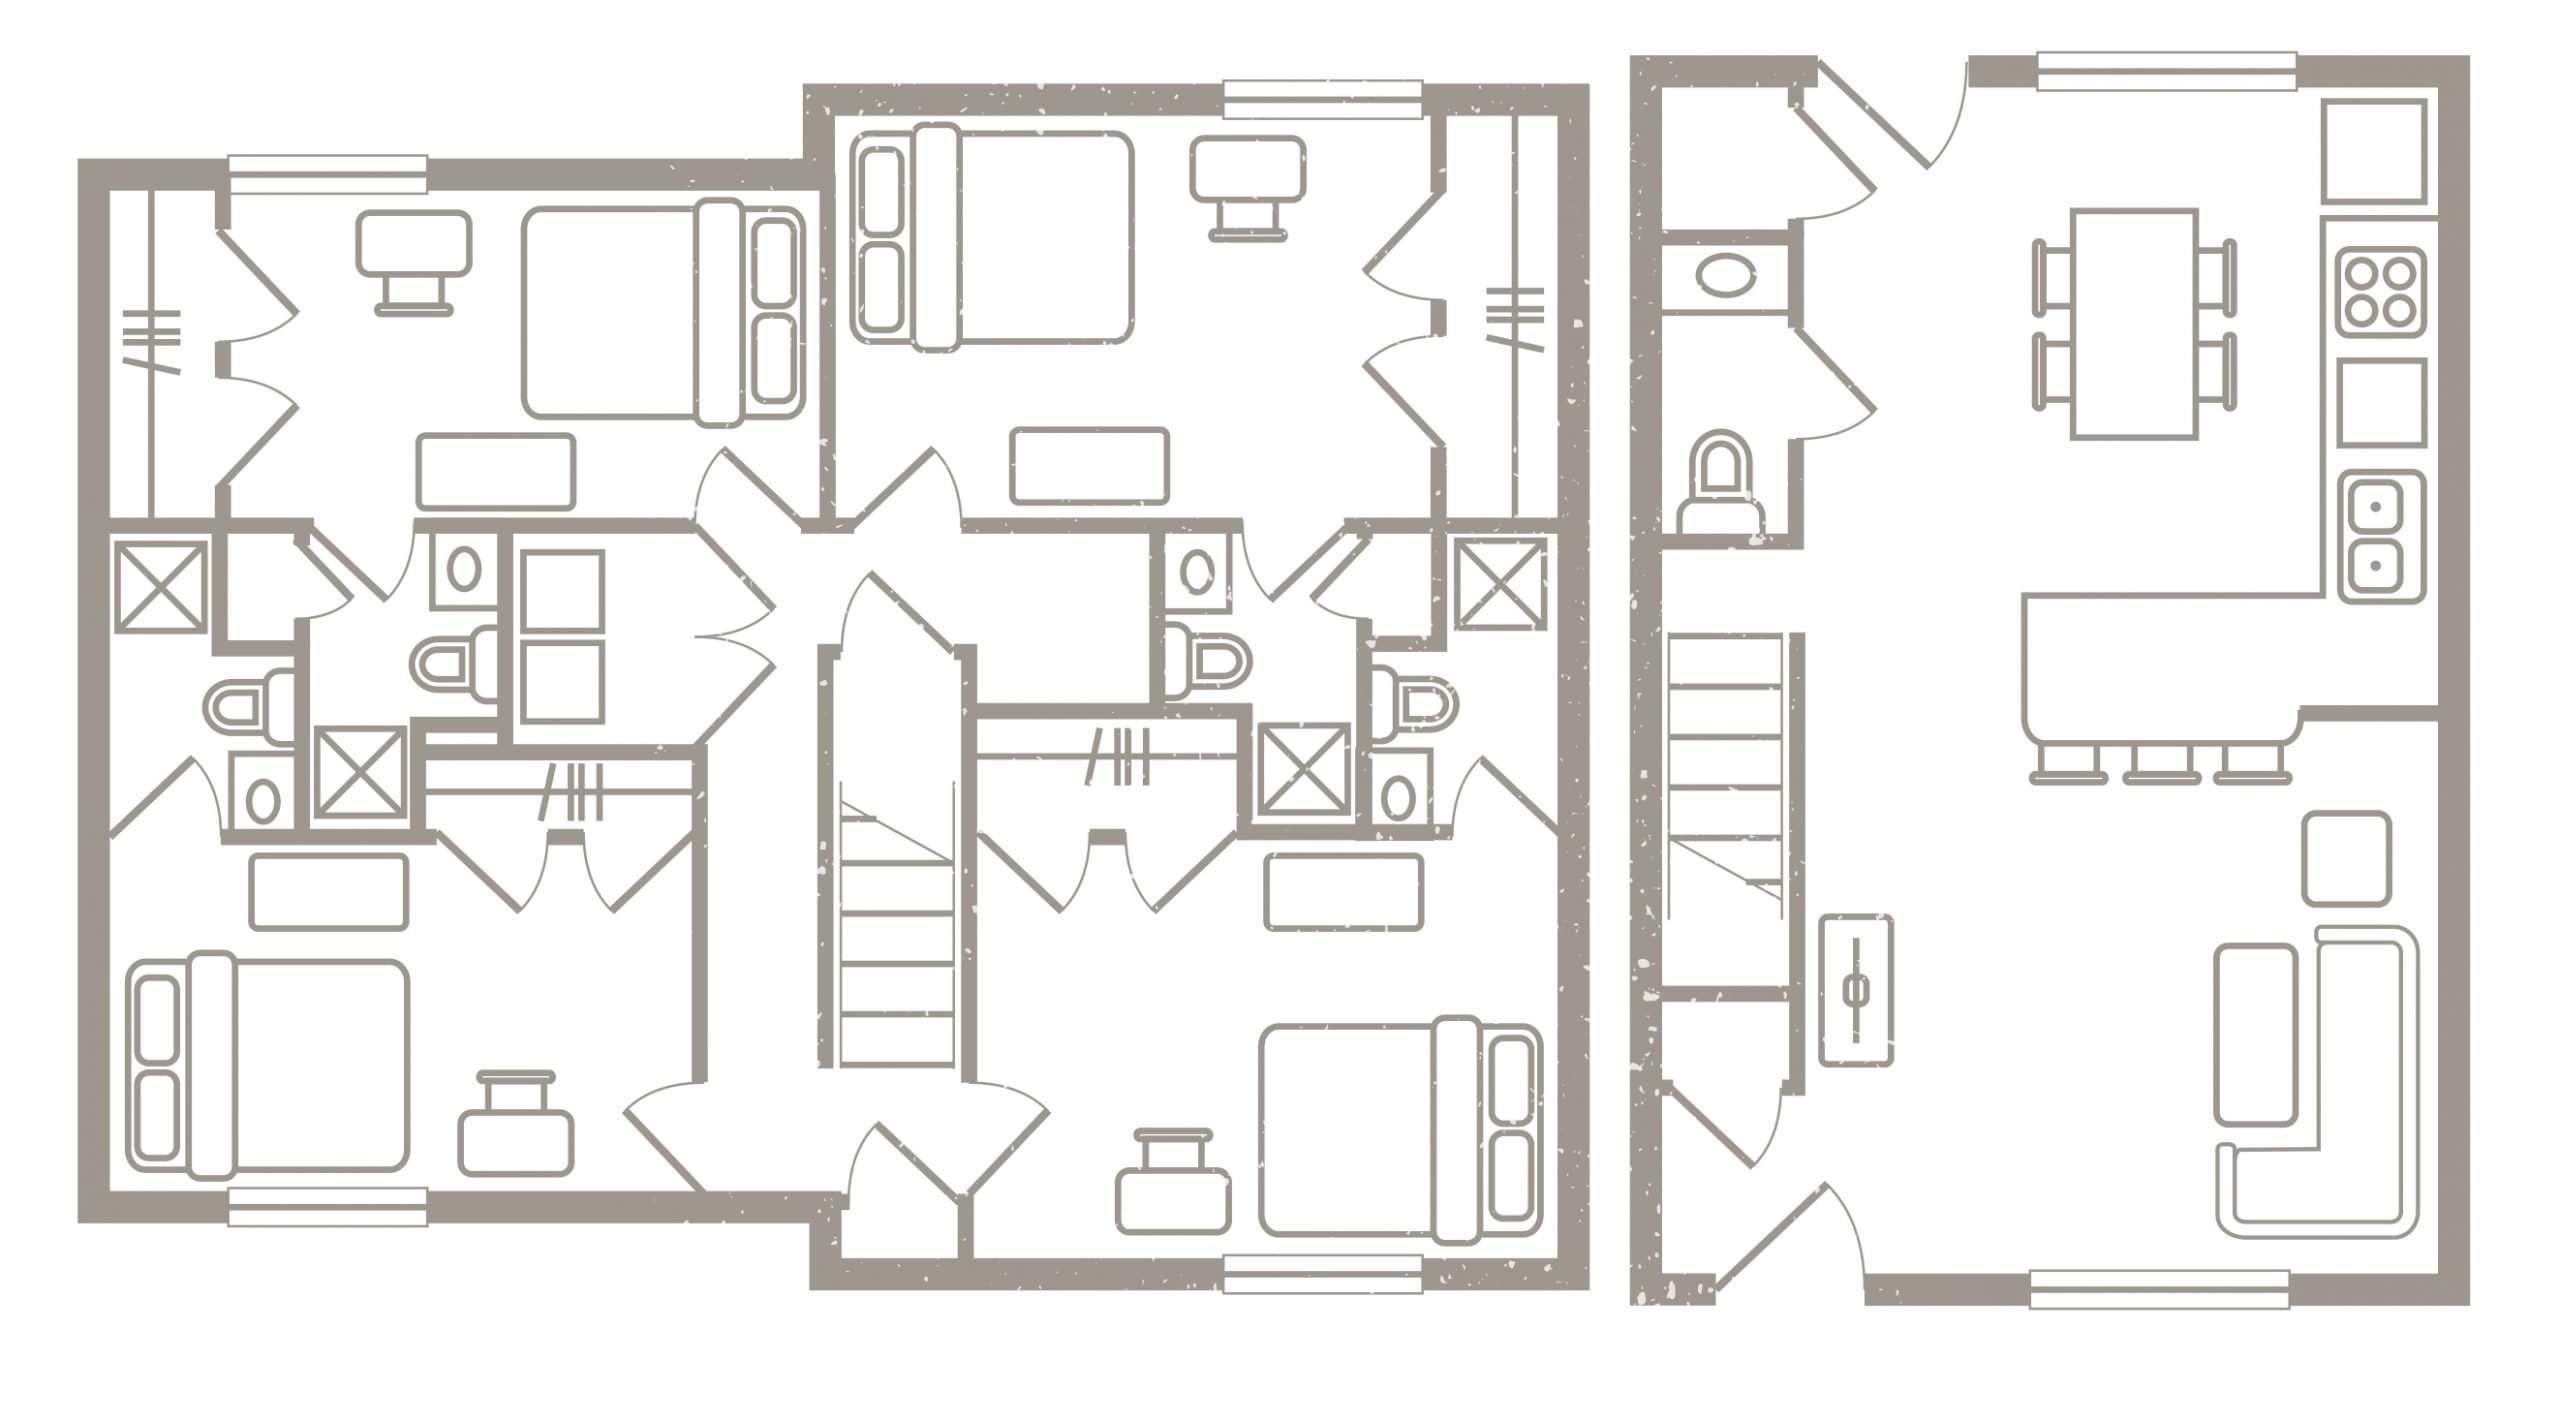 4 Bedroom Floorplan 2